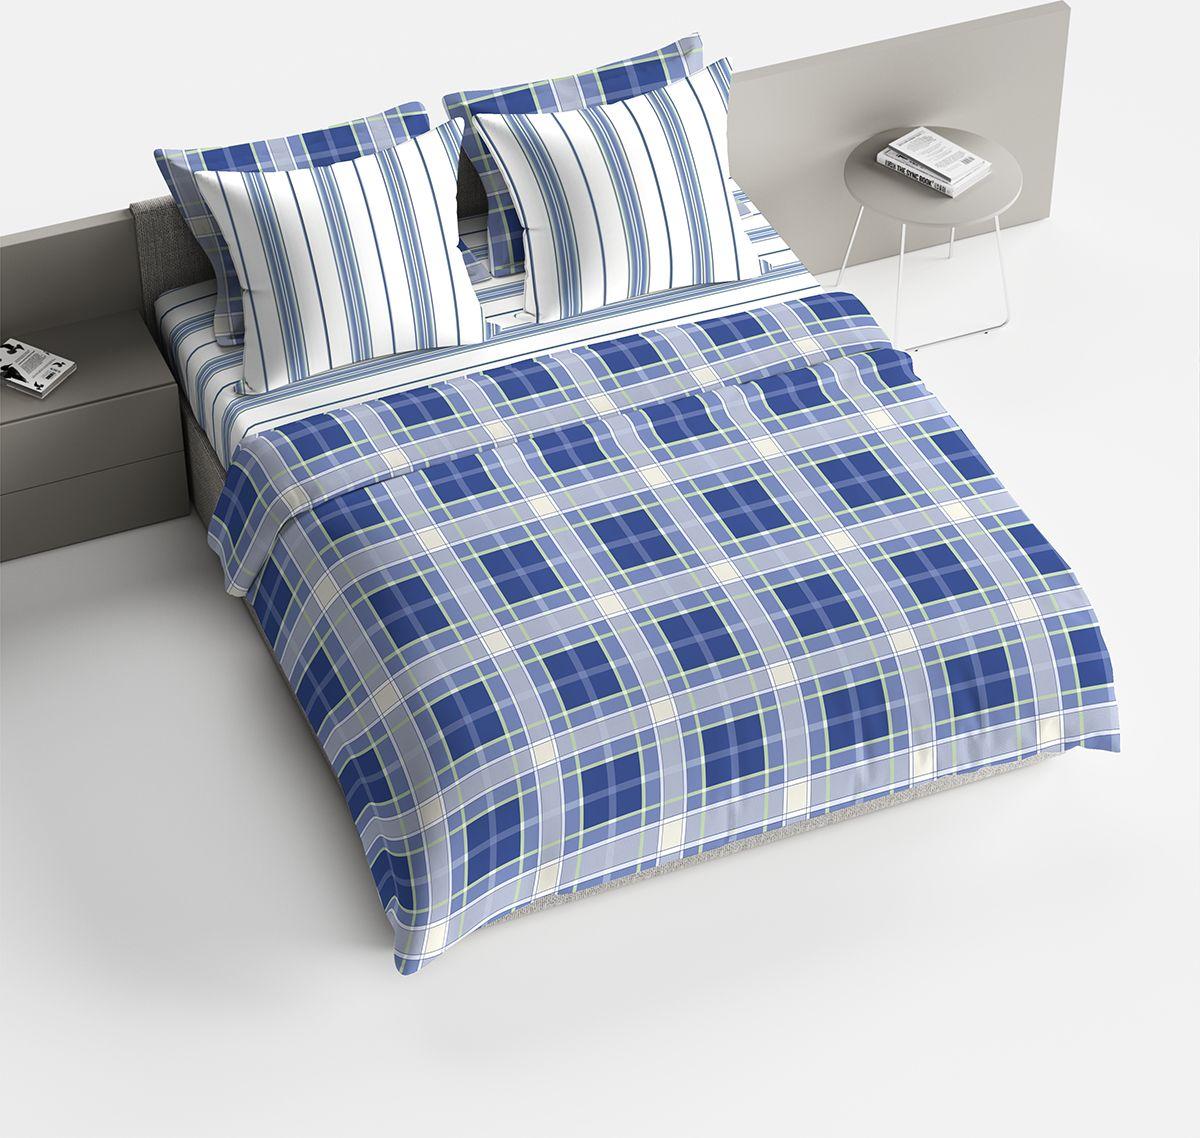 Комплект белья Браво Джузеппе, cемейный, наволочки 70x70, цвет: синий91938Комплекты постельного белья из ткани LUX COTTON (высококачественный поплин), сотканной из длинноволокнистого египетского хлопка, созданы специально для людей с оригинальным вкусом, предпочитающим современные решения в интерьере. Обновленная стильная упаковка делает этот комплект отличным подарком. • Равноплотная ткань из 100% хлопка; • Обработана по технологии мерсеризации и санфоризации; • Мягкая и нежная на ощупь; • Устойчива к трению; • Обладает высокими показателями гигроскопичности (впитывает влагу); • Выдерживает частые стирки, сохраняя первоначальные цвет, форму и размеры; • Безопасные красители ведущего немецкого производителя BEZEMA